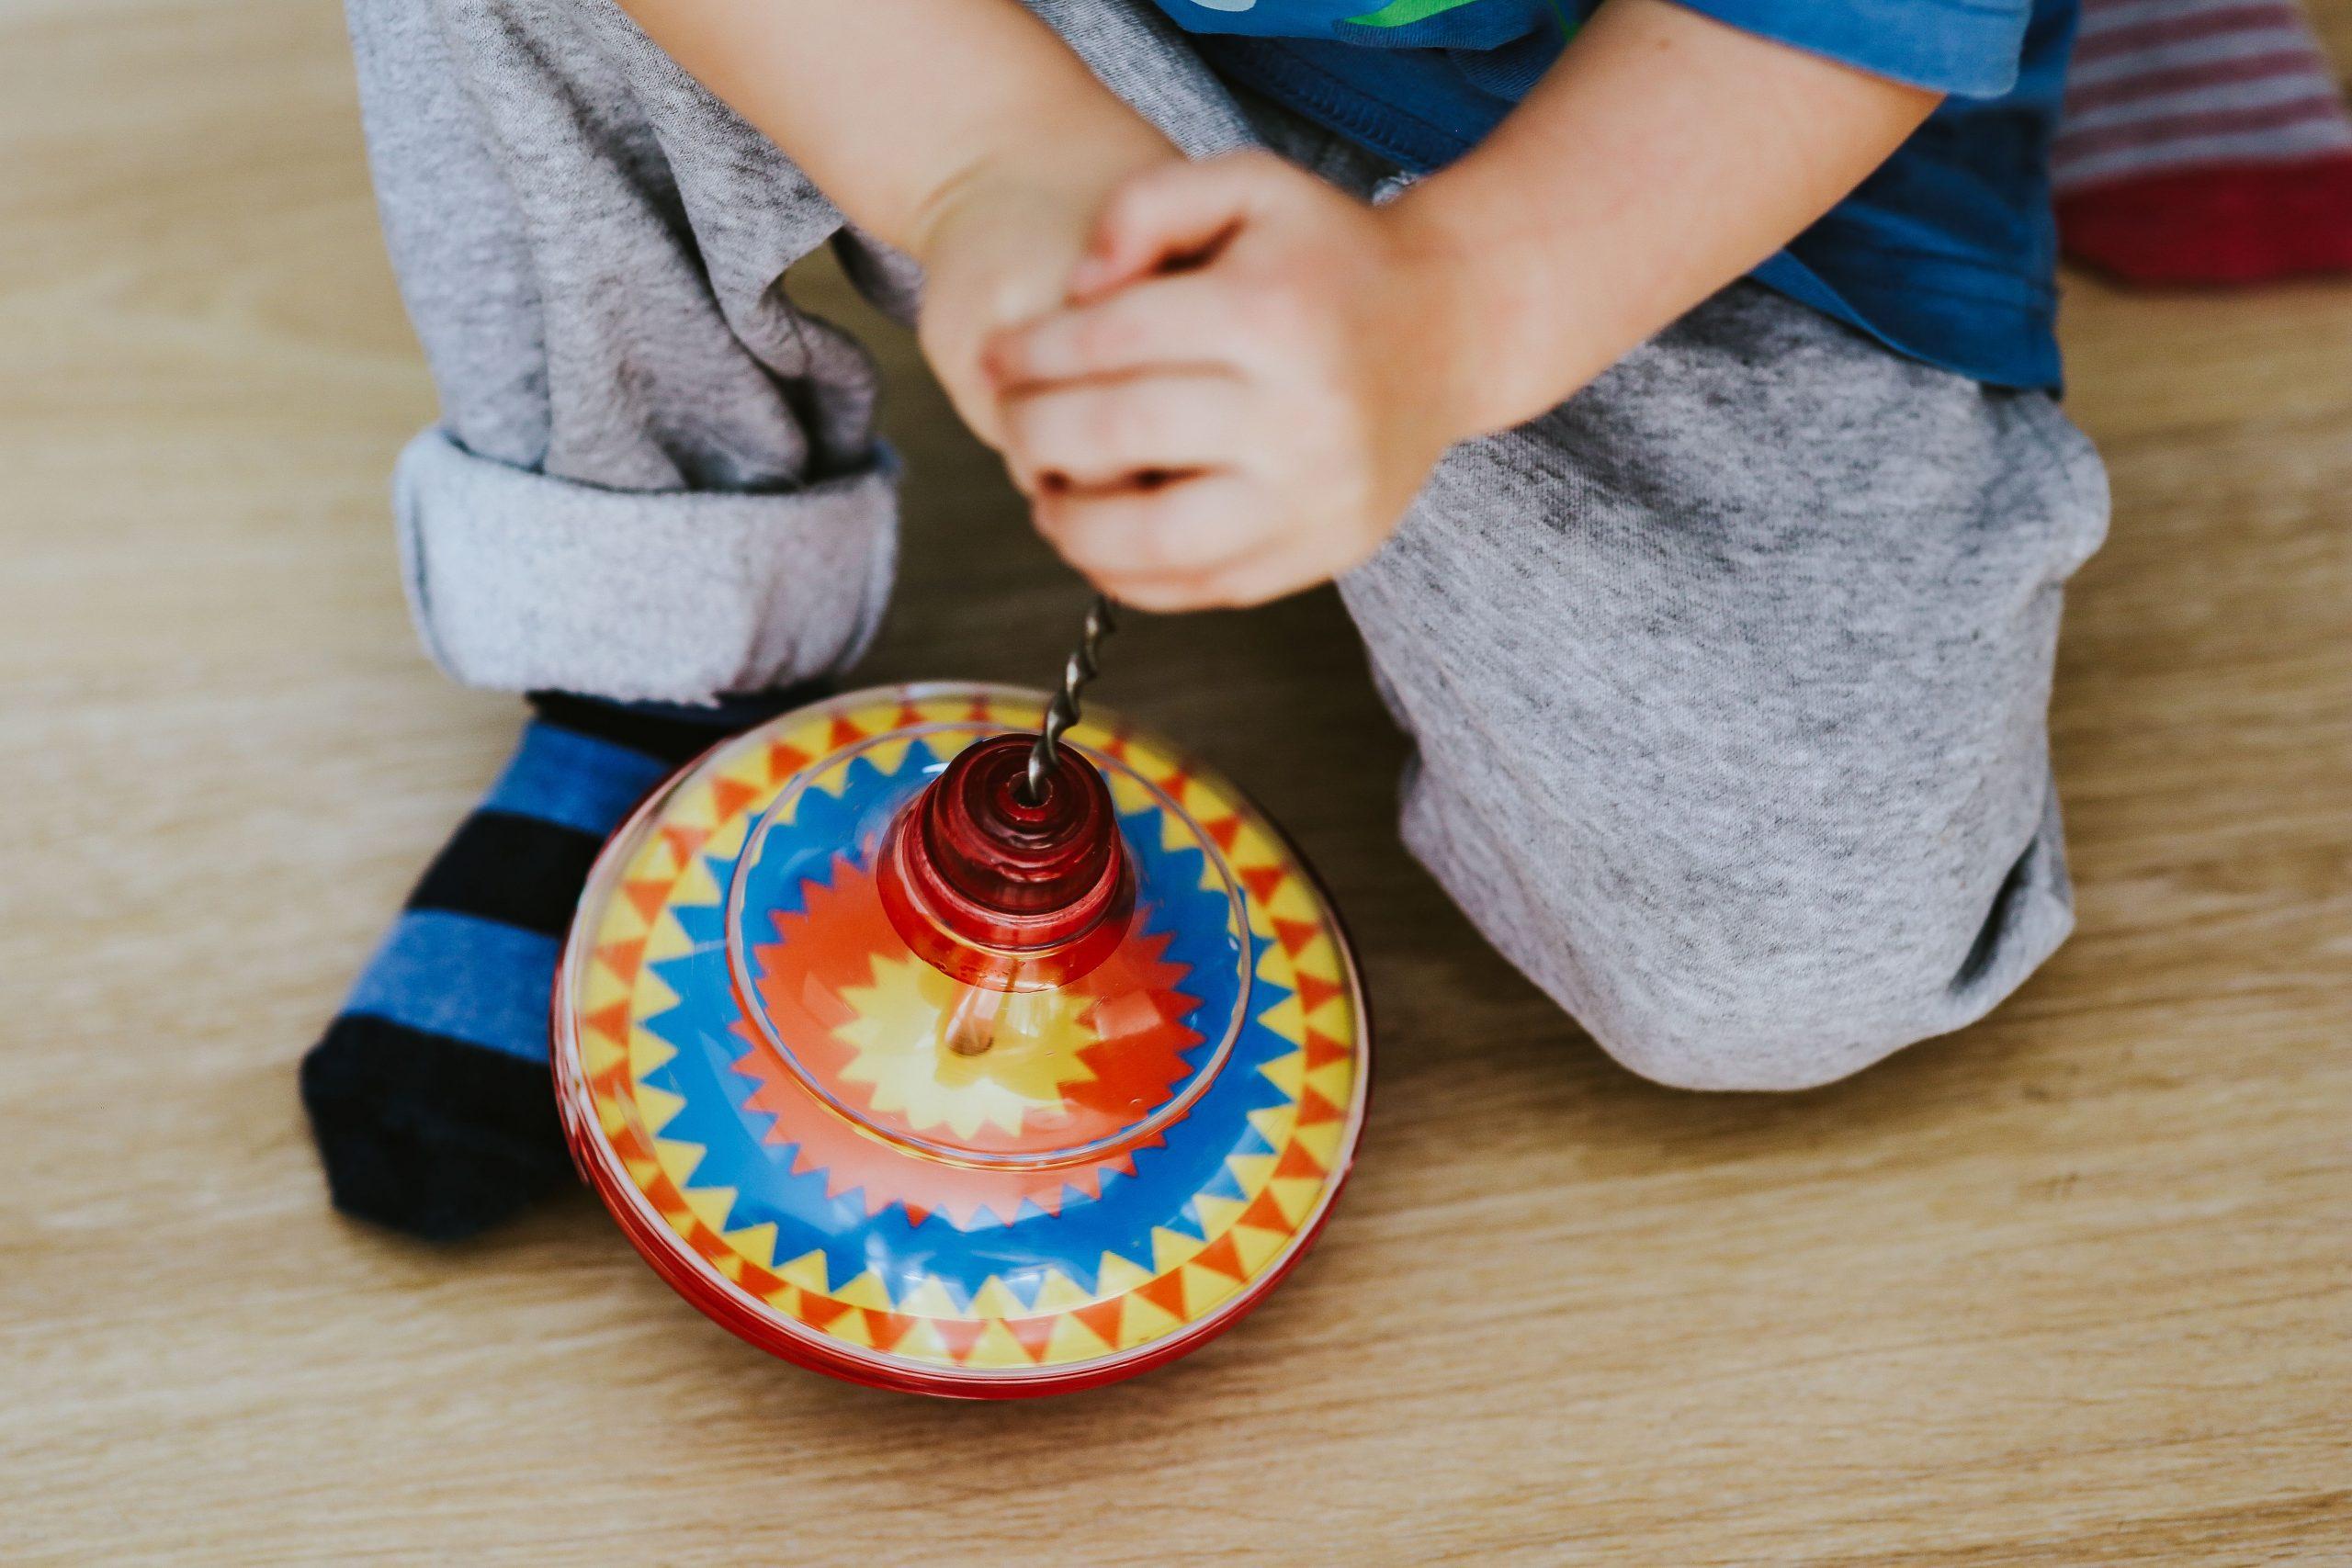 bambino seduto a terra che gioca con una trottola